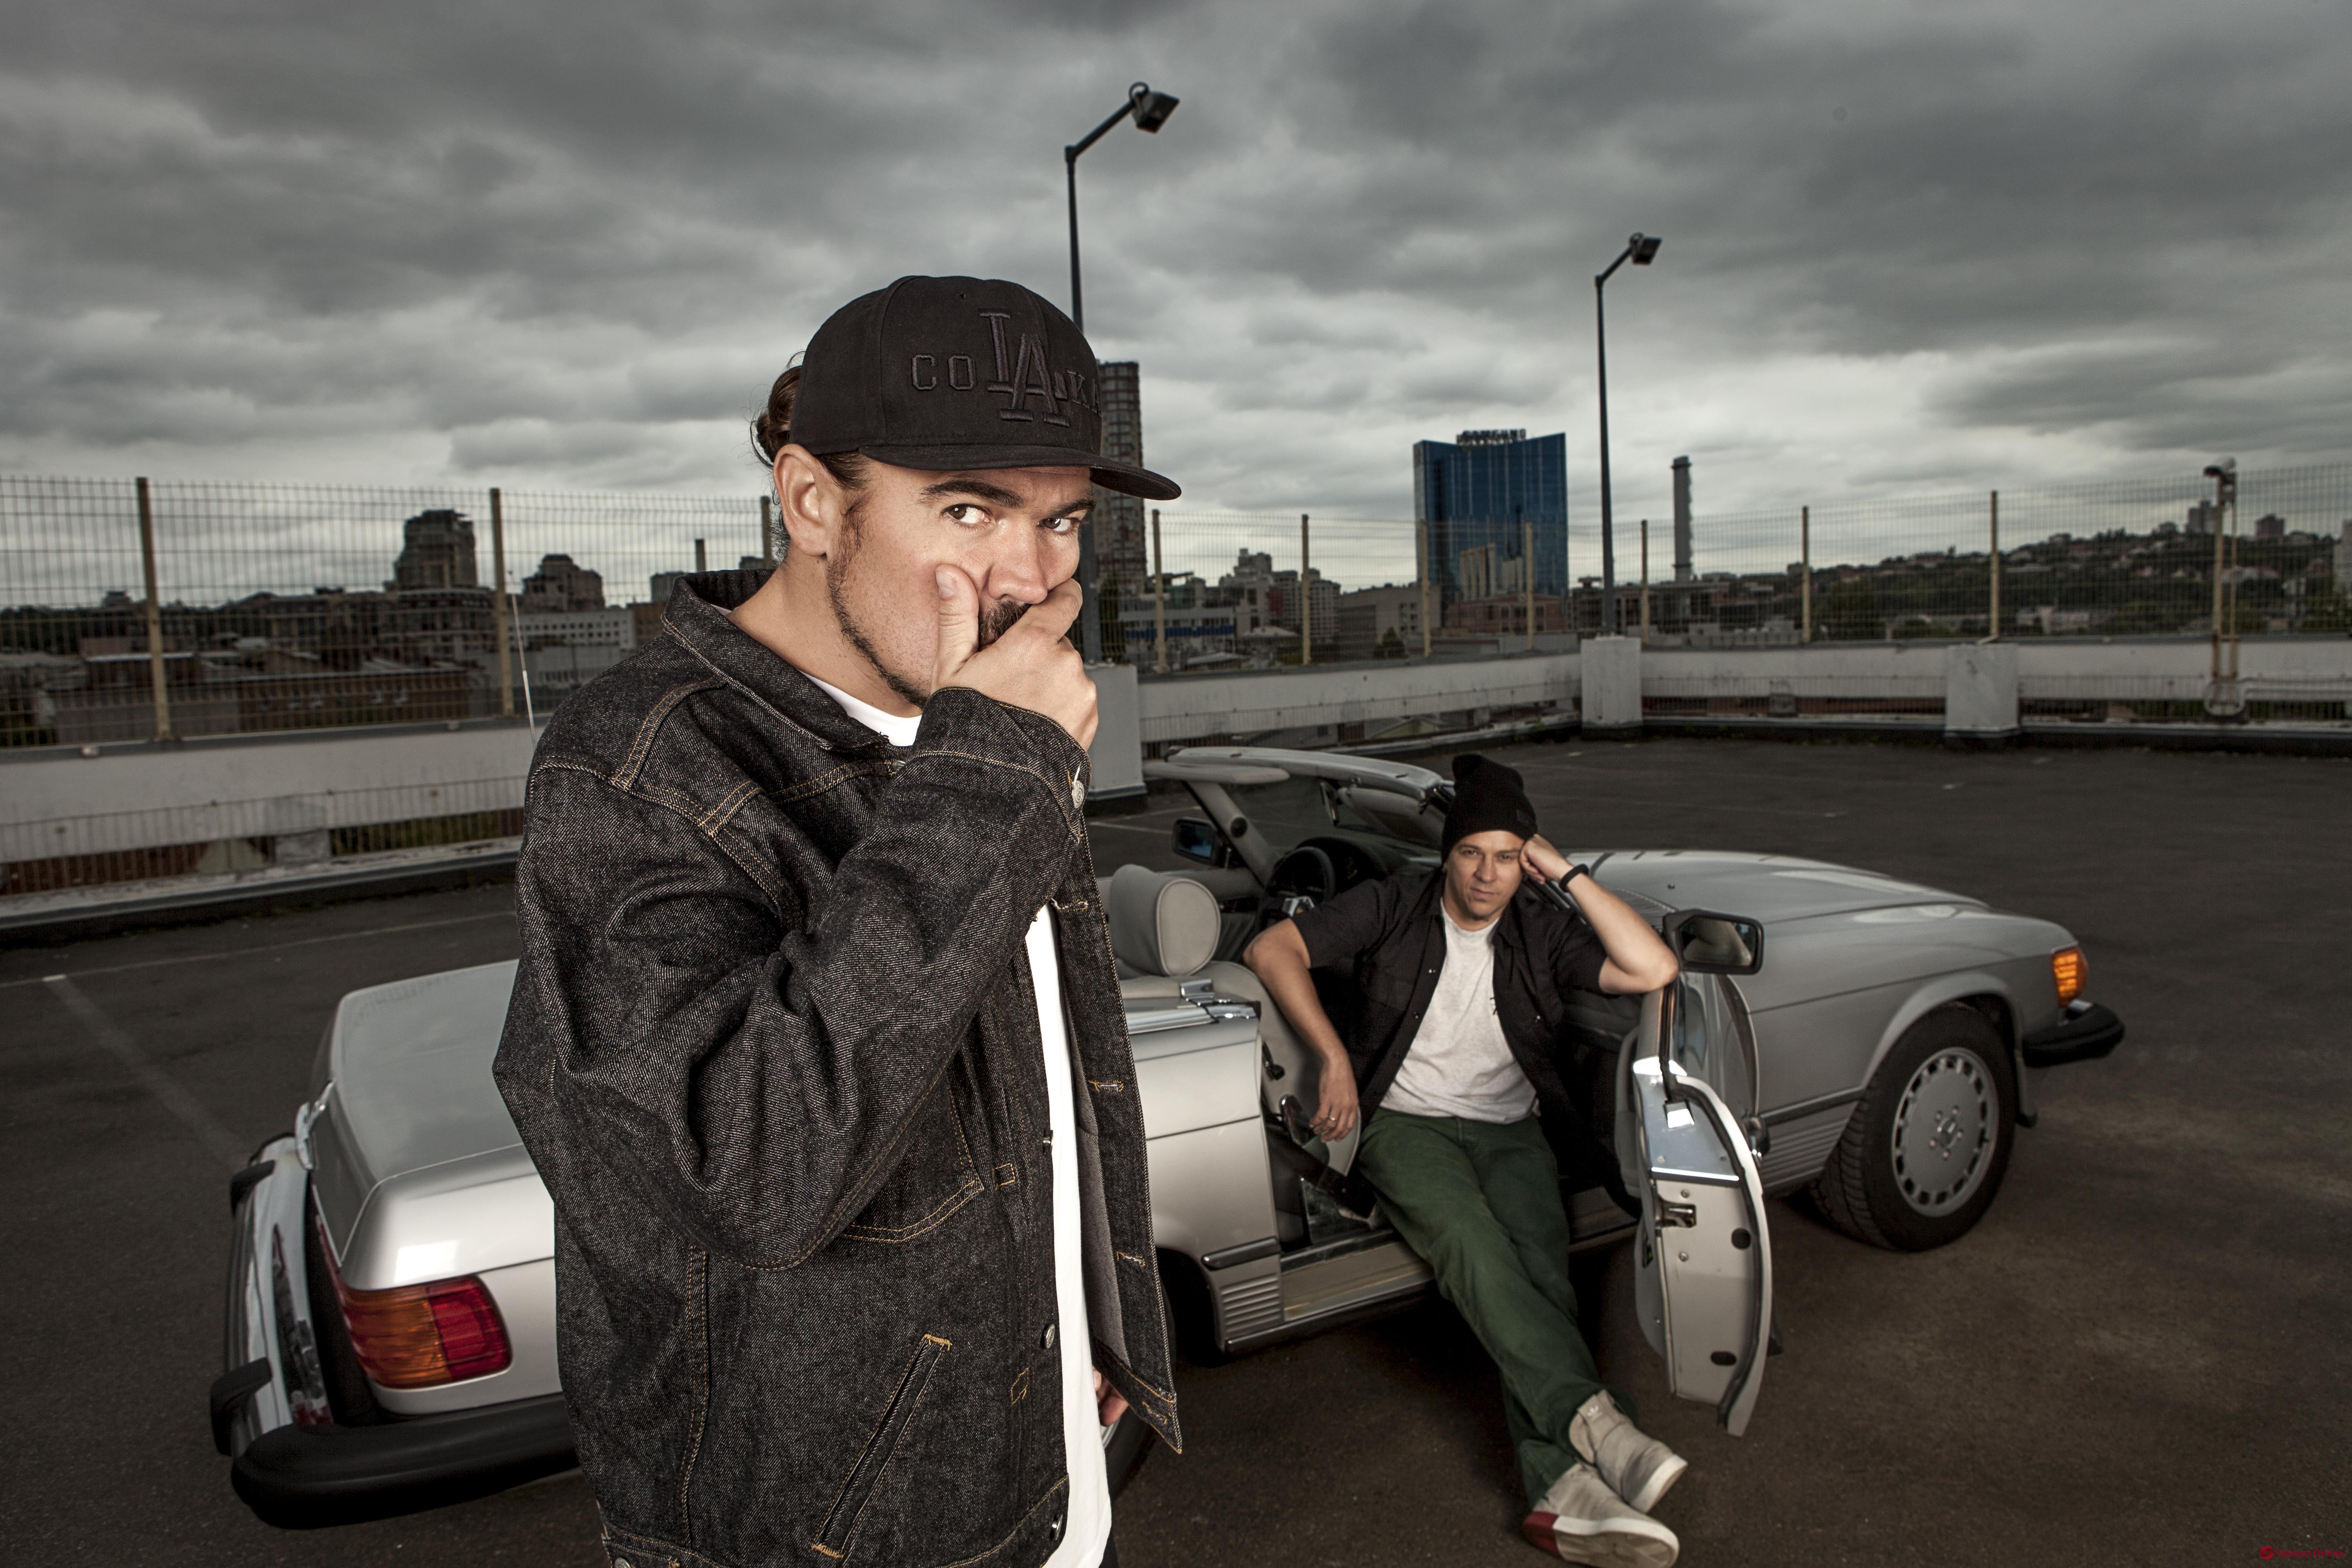 ТНМК едет в Одессу: музыканты о концертах в условиях коронавируса, творческих планах и почему они не хотят идти в политику